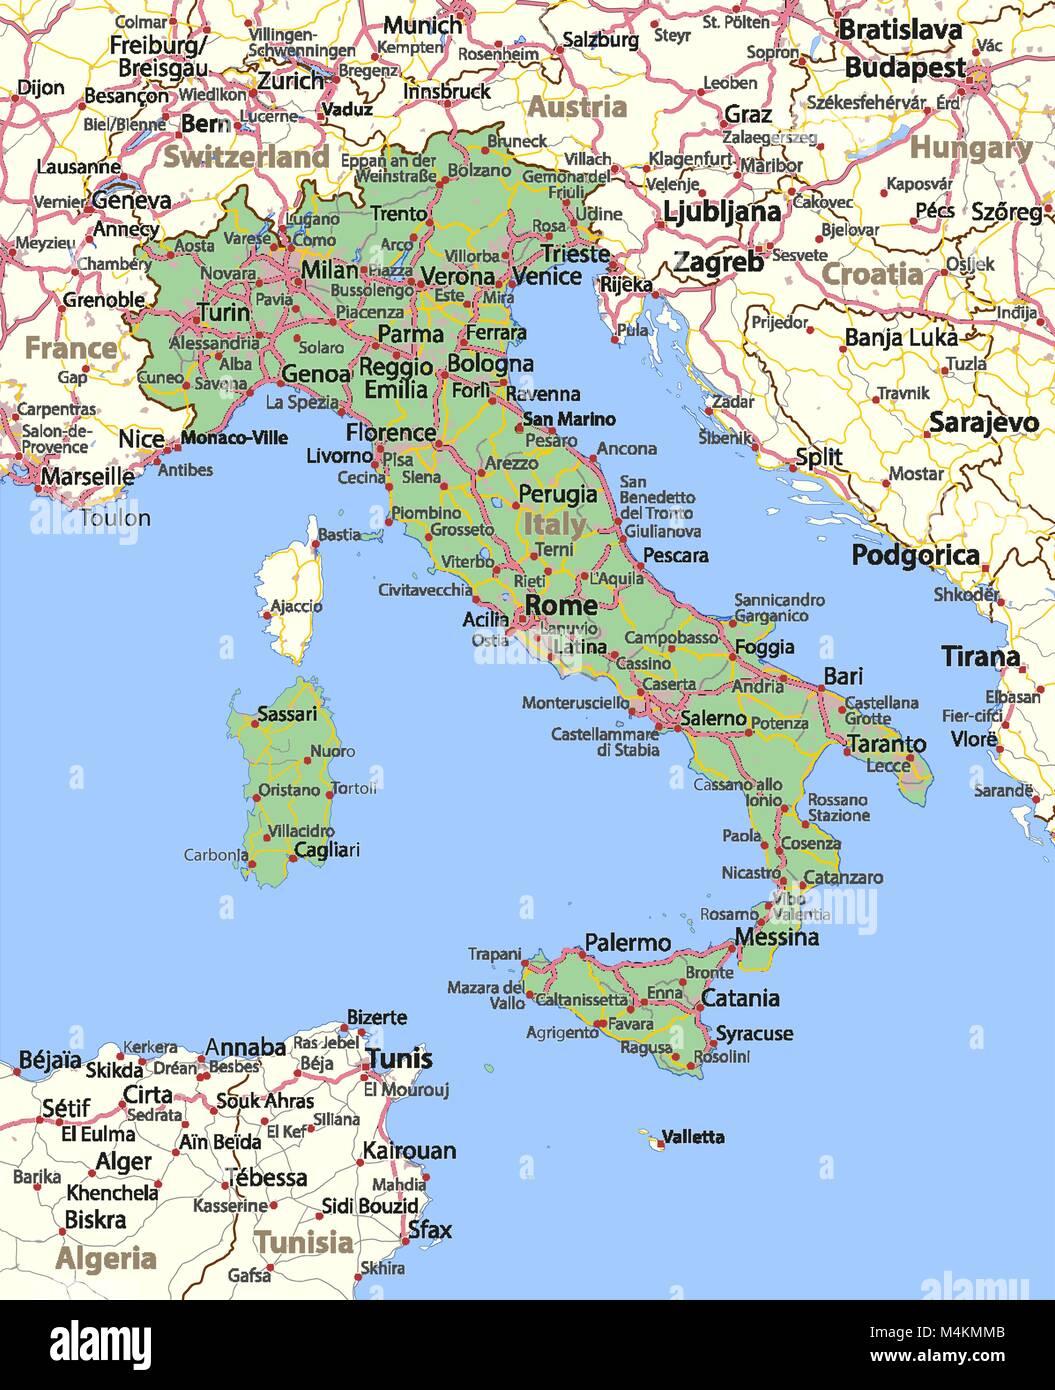 Cartina Dell Italia E I Suoi Confini.Mappa Dell Italia Mostra I Confini Zone Urbane Nomi Di Localita E Strade Le Etichette In Inglese Dove Possibile Proiezione Proiezione Di Mercatore Immagine E Vettoriale Alamy